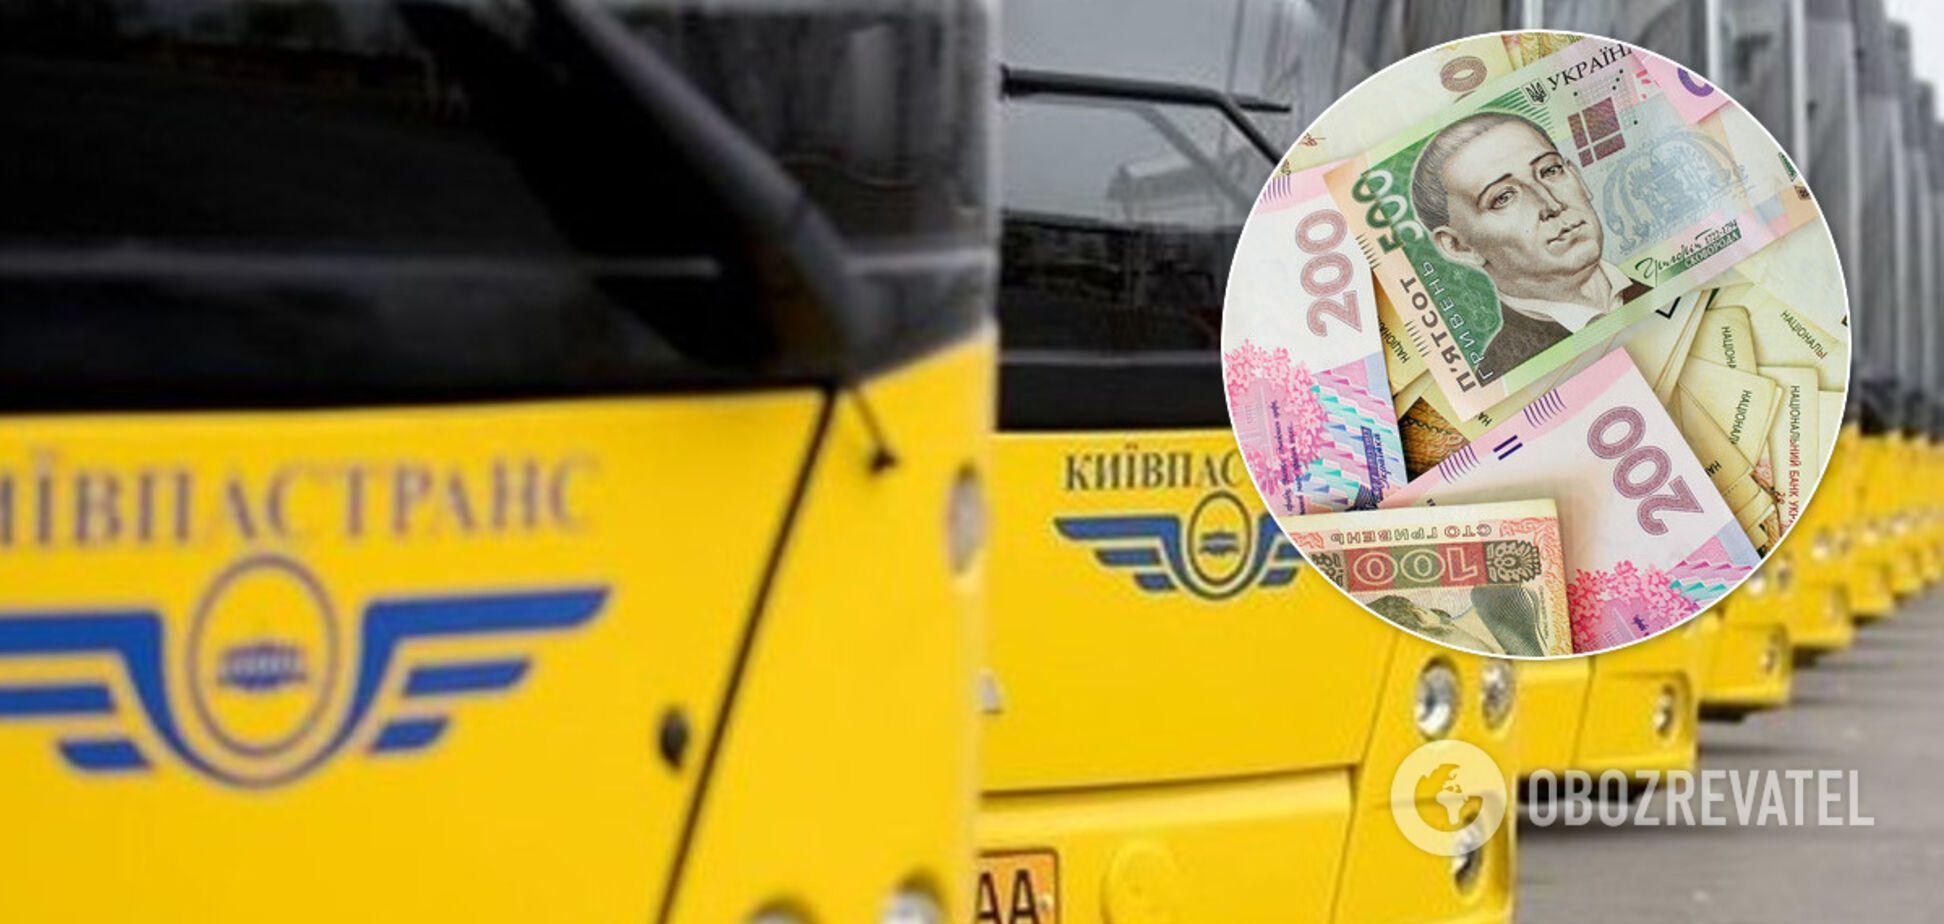 'Київпастранс' спростував міф про невиплати працівникам